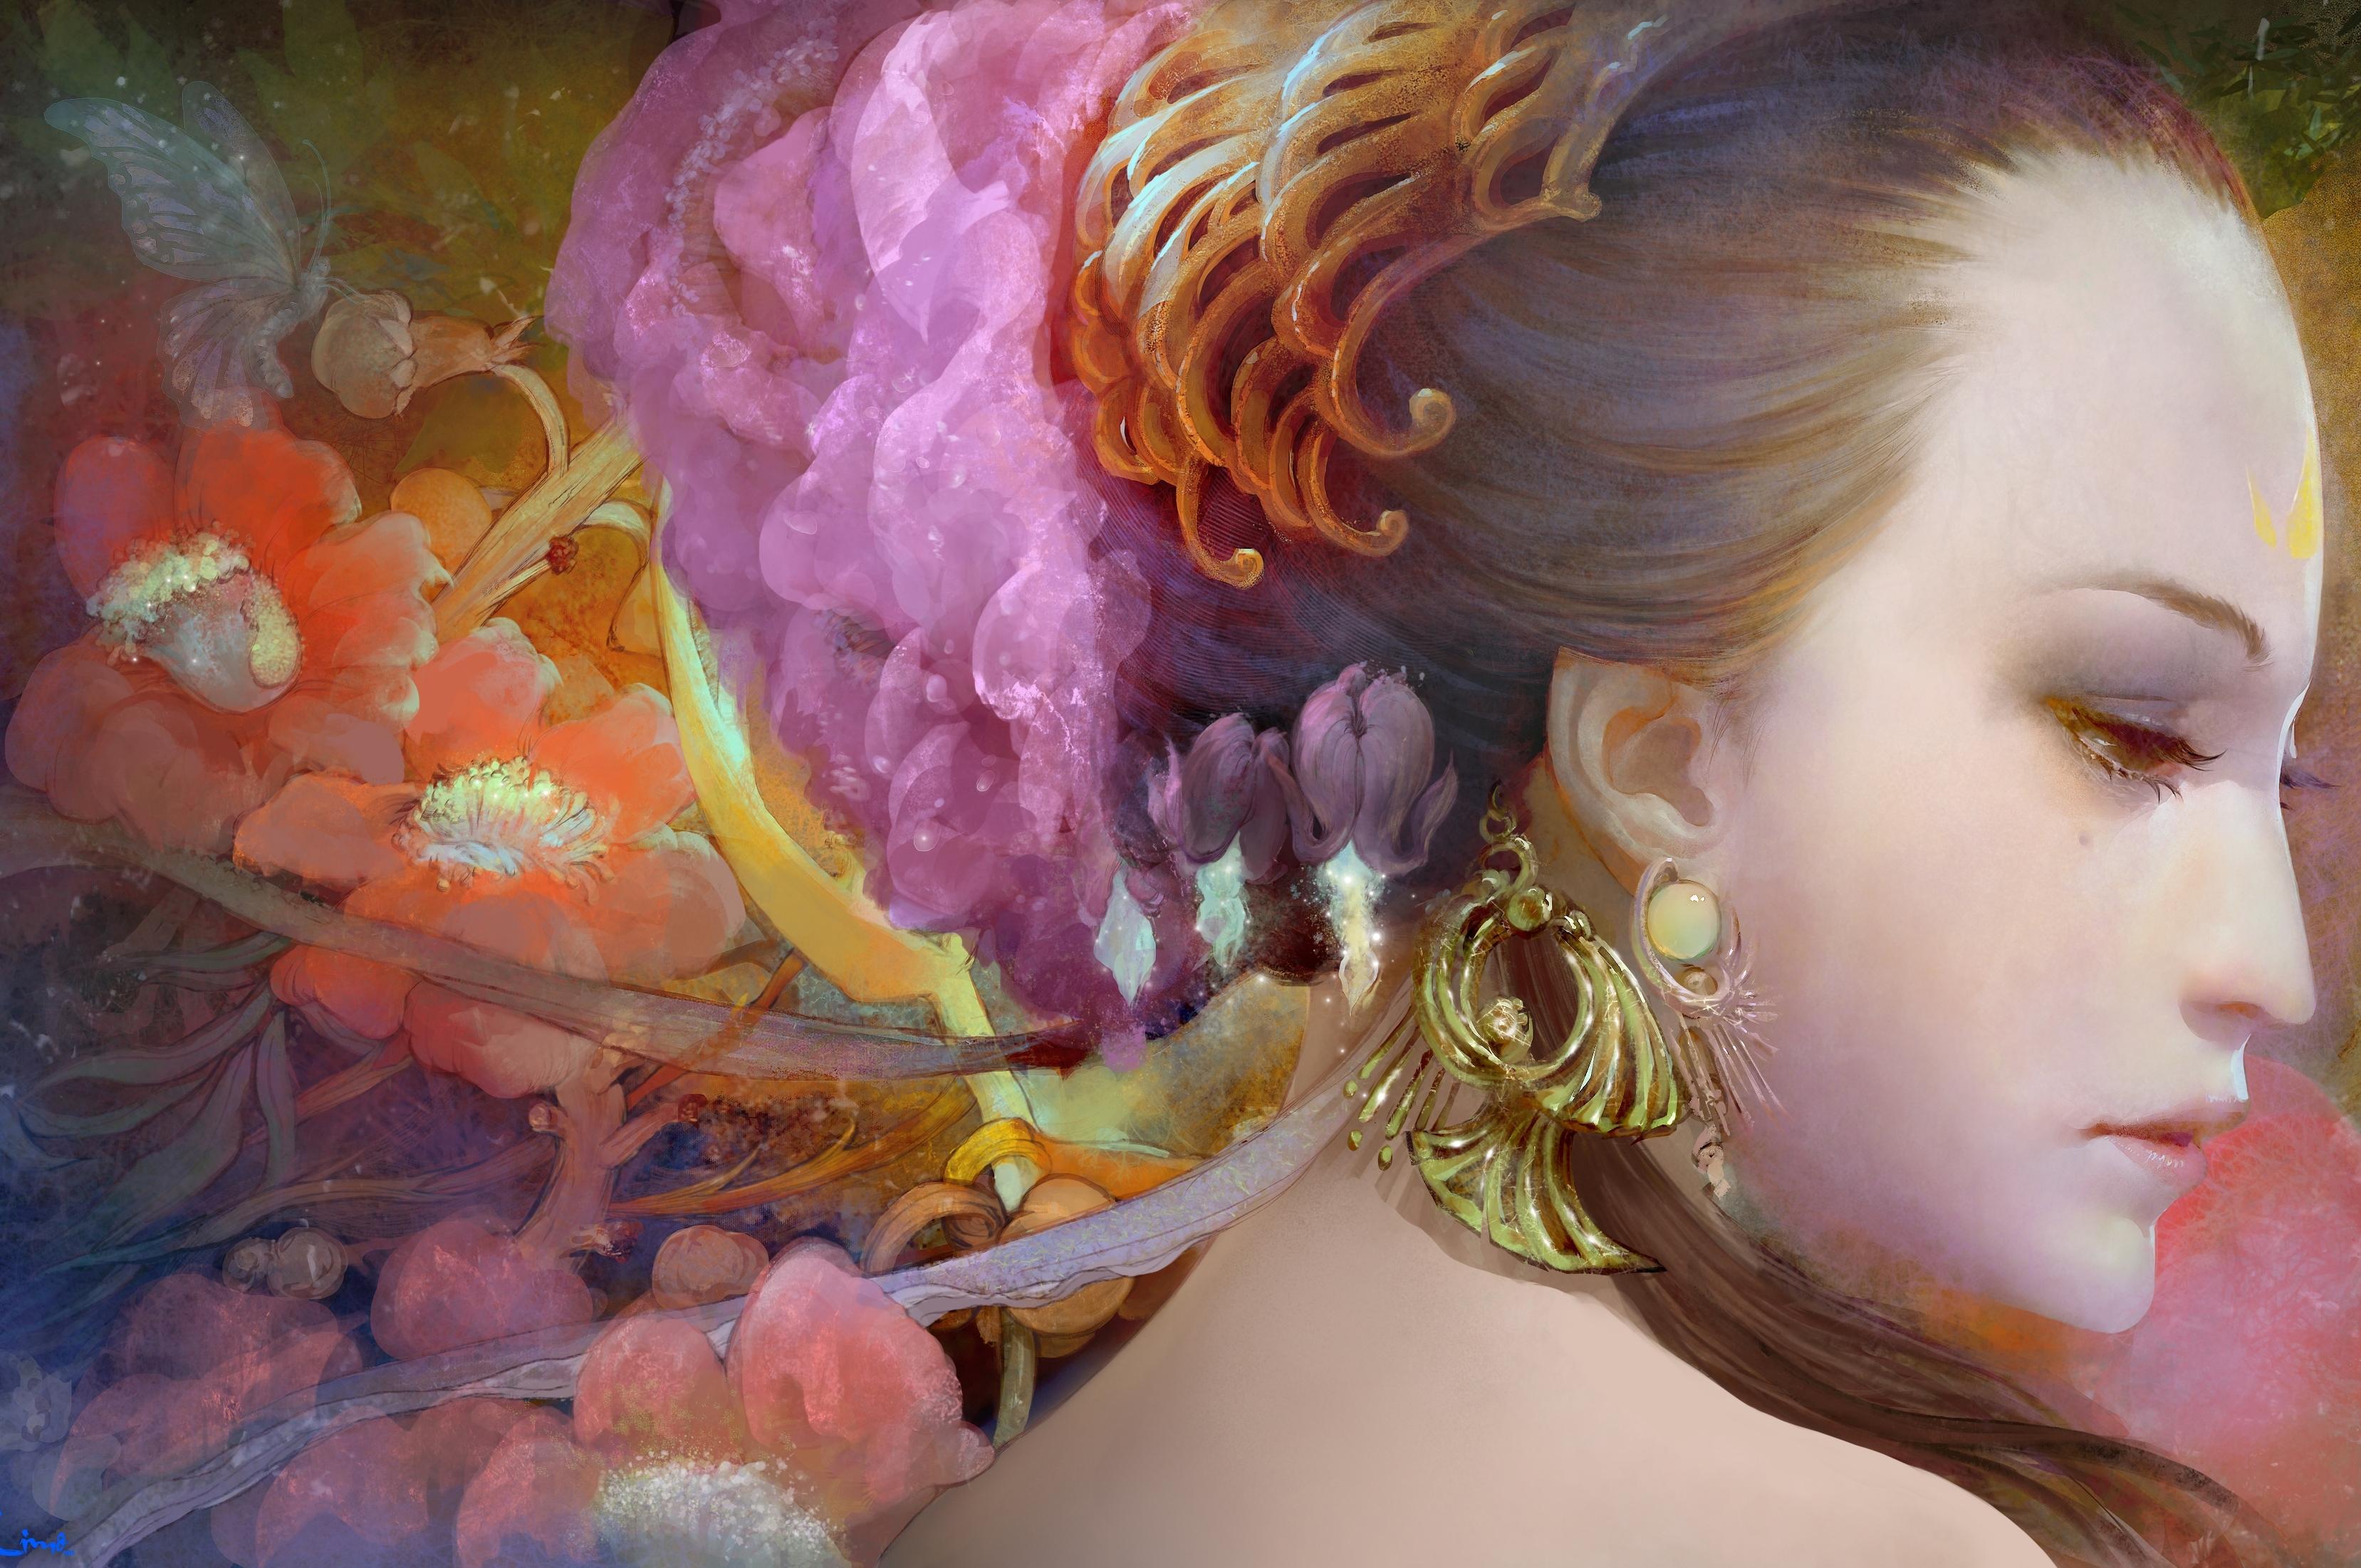 üzlet eladó hangulatos friss divat stílusok Ingyenes háttérképek : festmény, virágok, profil, haj, rózsaszín ...